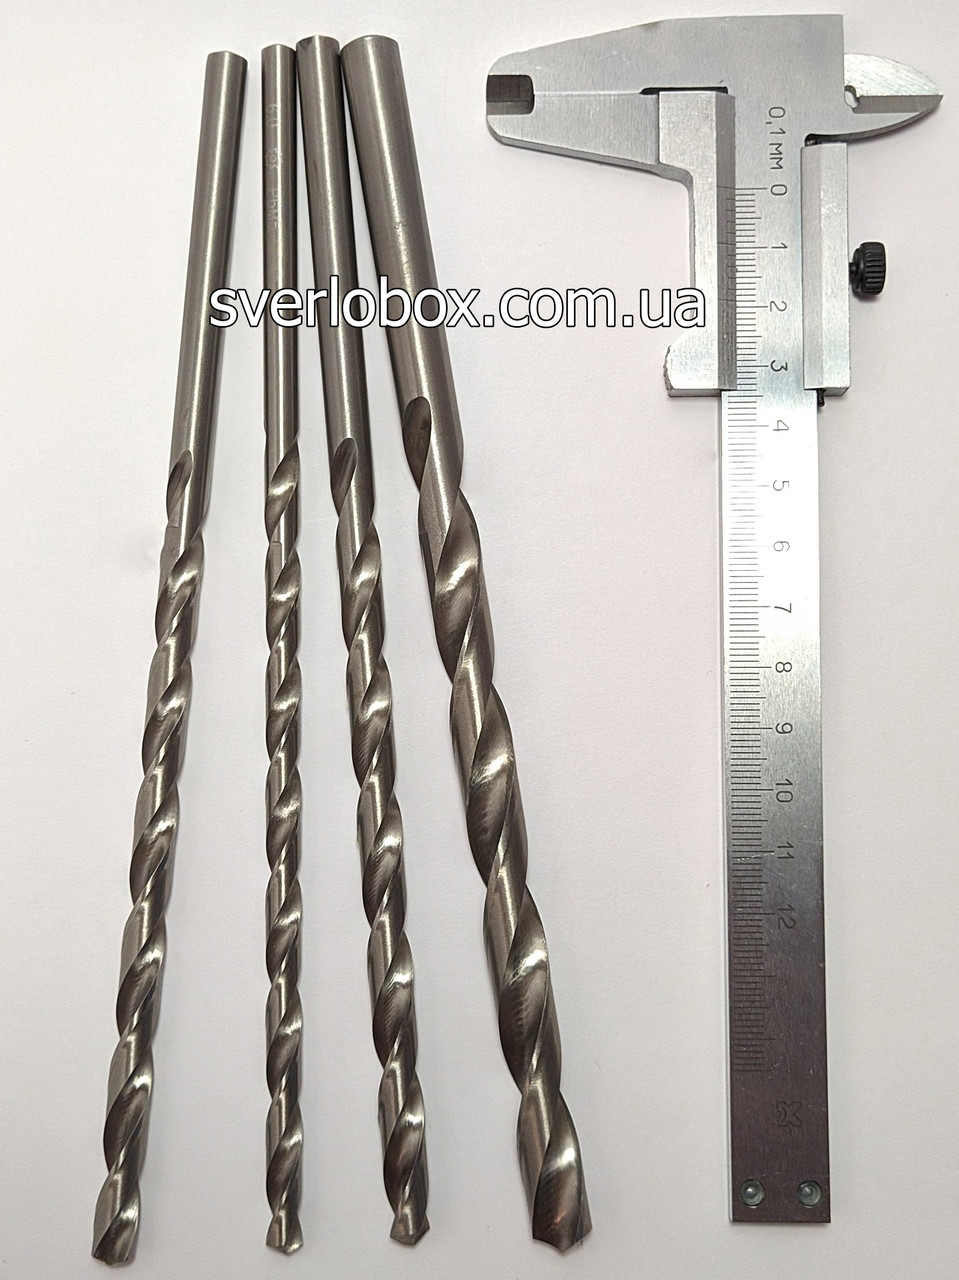 Свердло по металу D 2 mm. L200 mm.